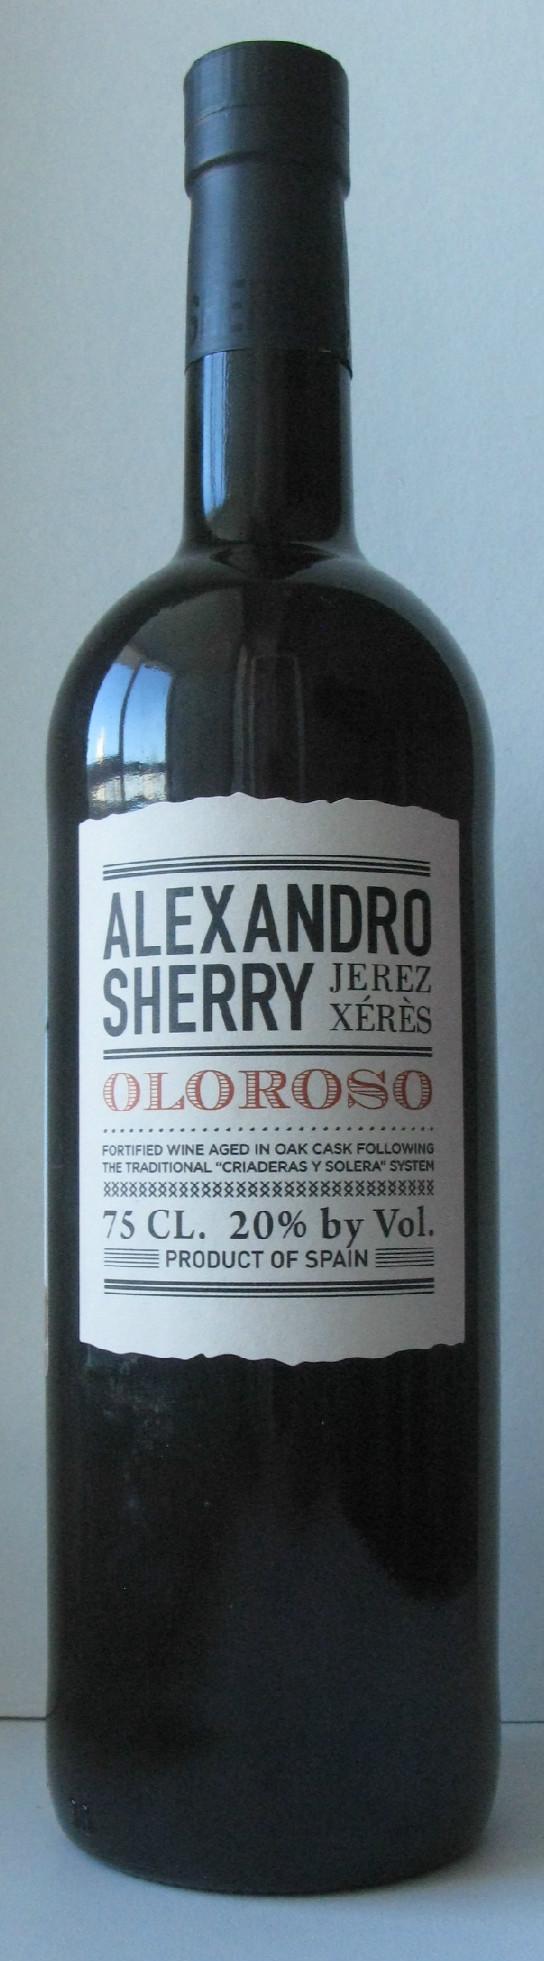 alexandro-sherry-oloroso